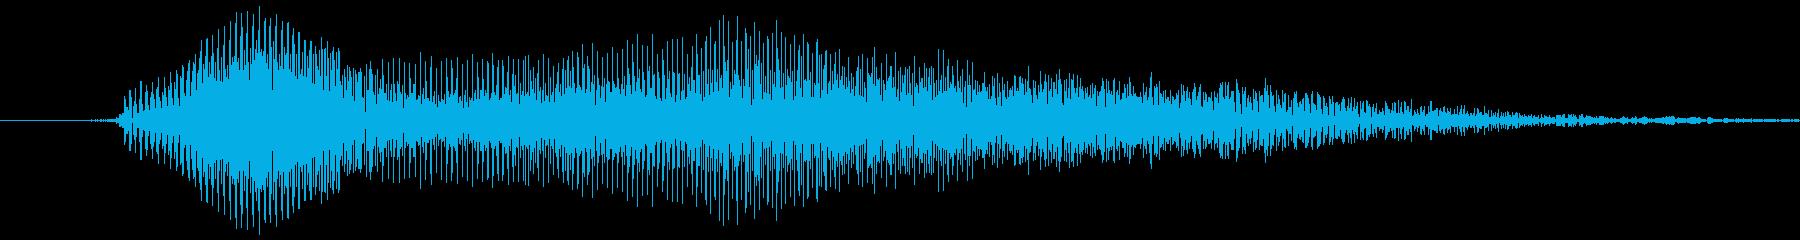 ワーォ♥(ため息) エフェクトなしの再生済みの波形